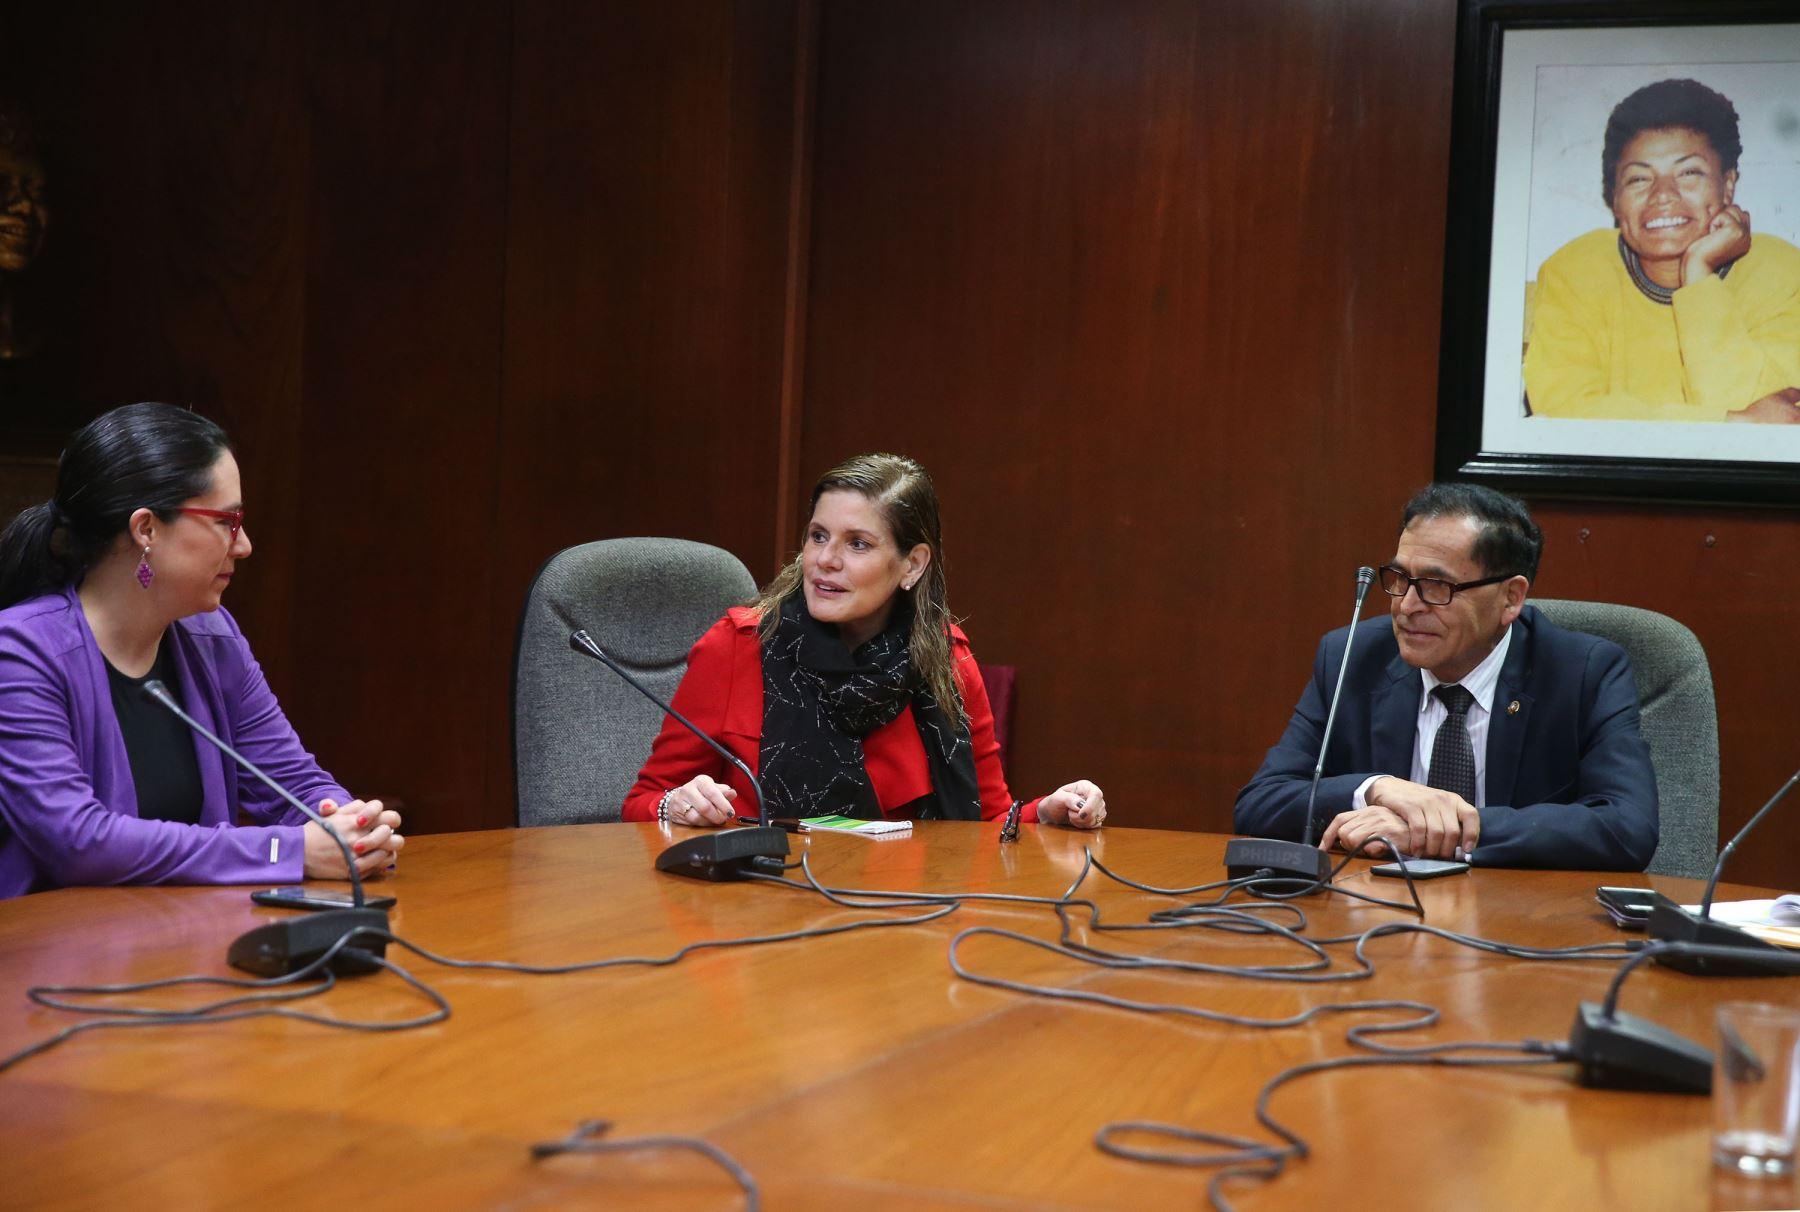 La presidenta del Consejo de Ministros, Mercedes Aráoz, se reúne con los congresistas del bloque Nuevo Perú.Foto: ANDINA/Vidal Tarqui.